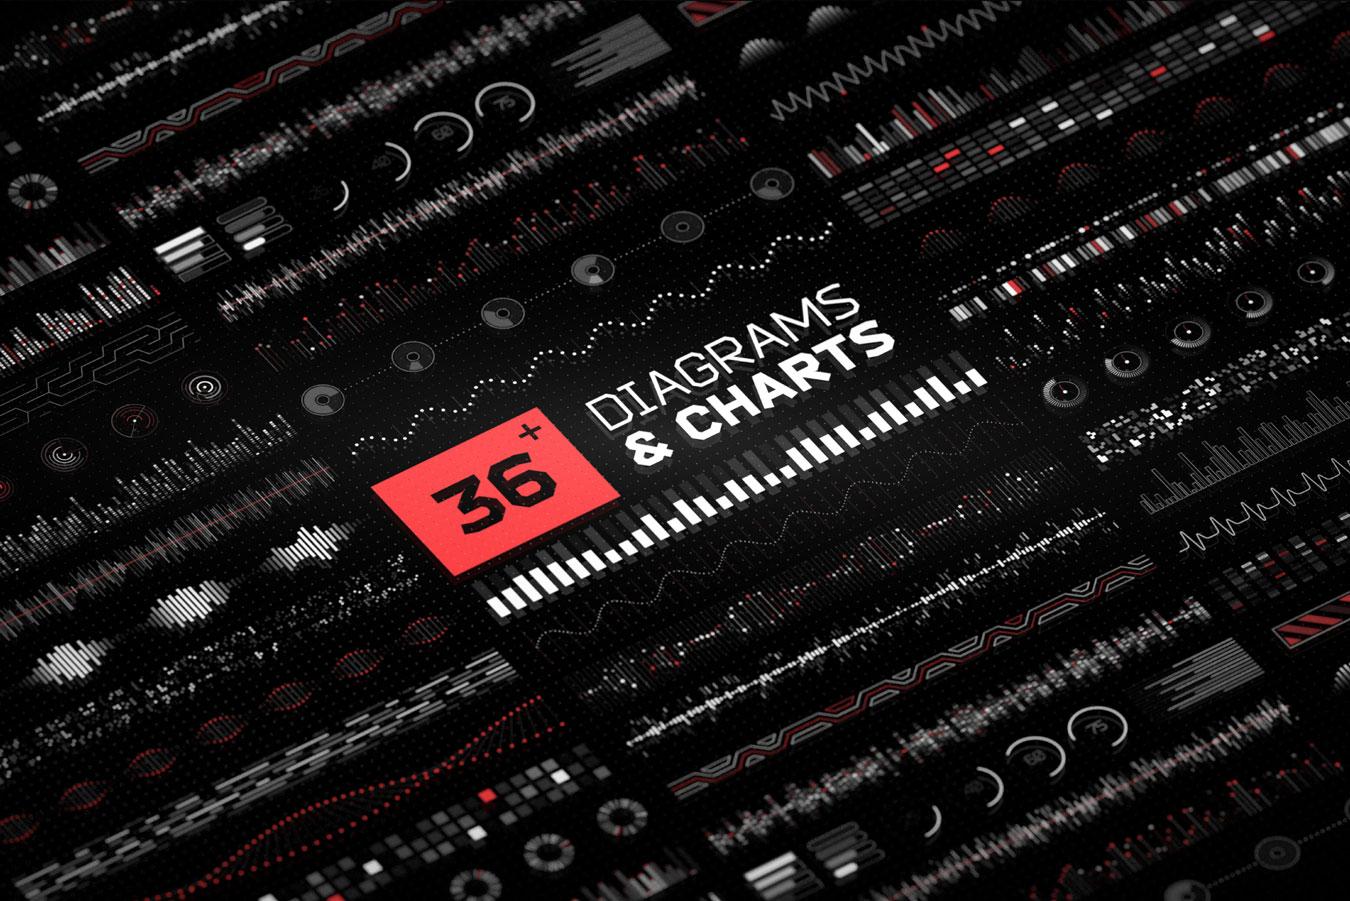 超炫酷科幻航空航天数据信息HUD仪表盘UI设计模板套件 Futuristic UI Kit • 200+ Design Elements插图(15)